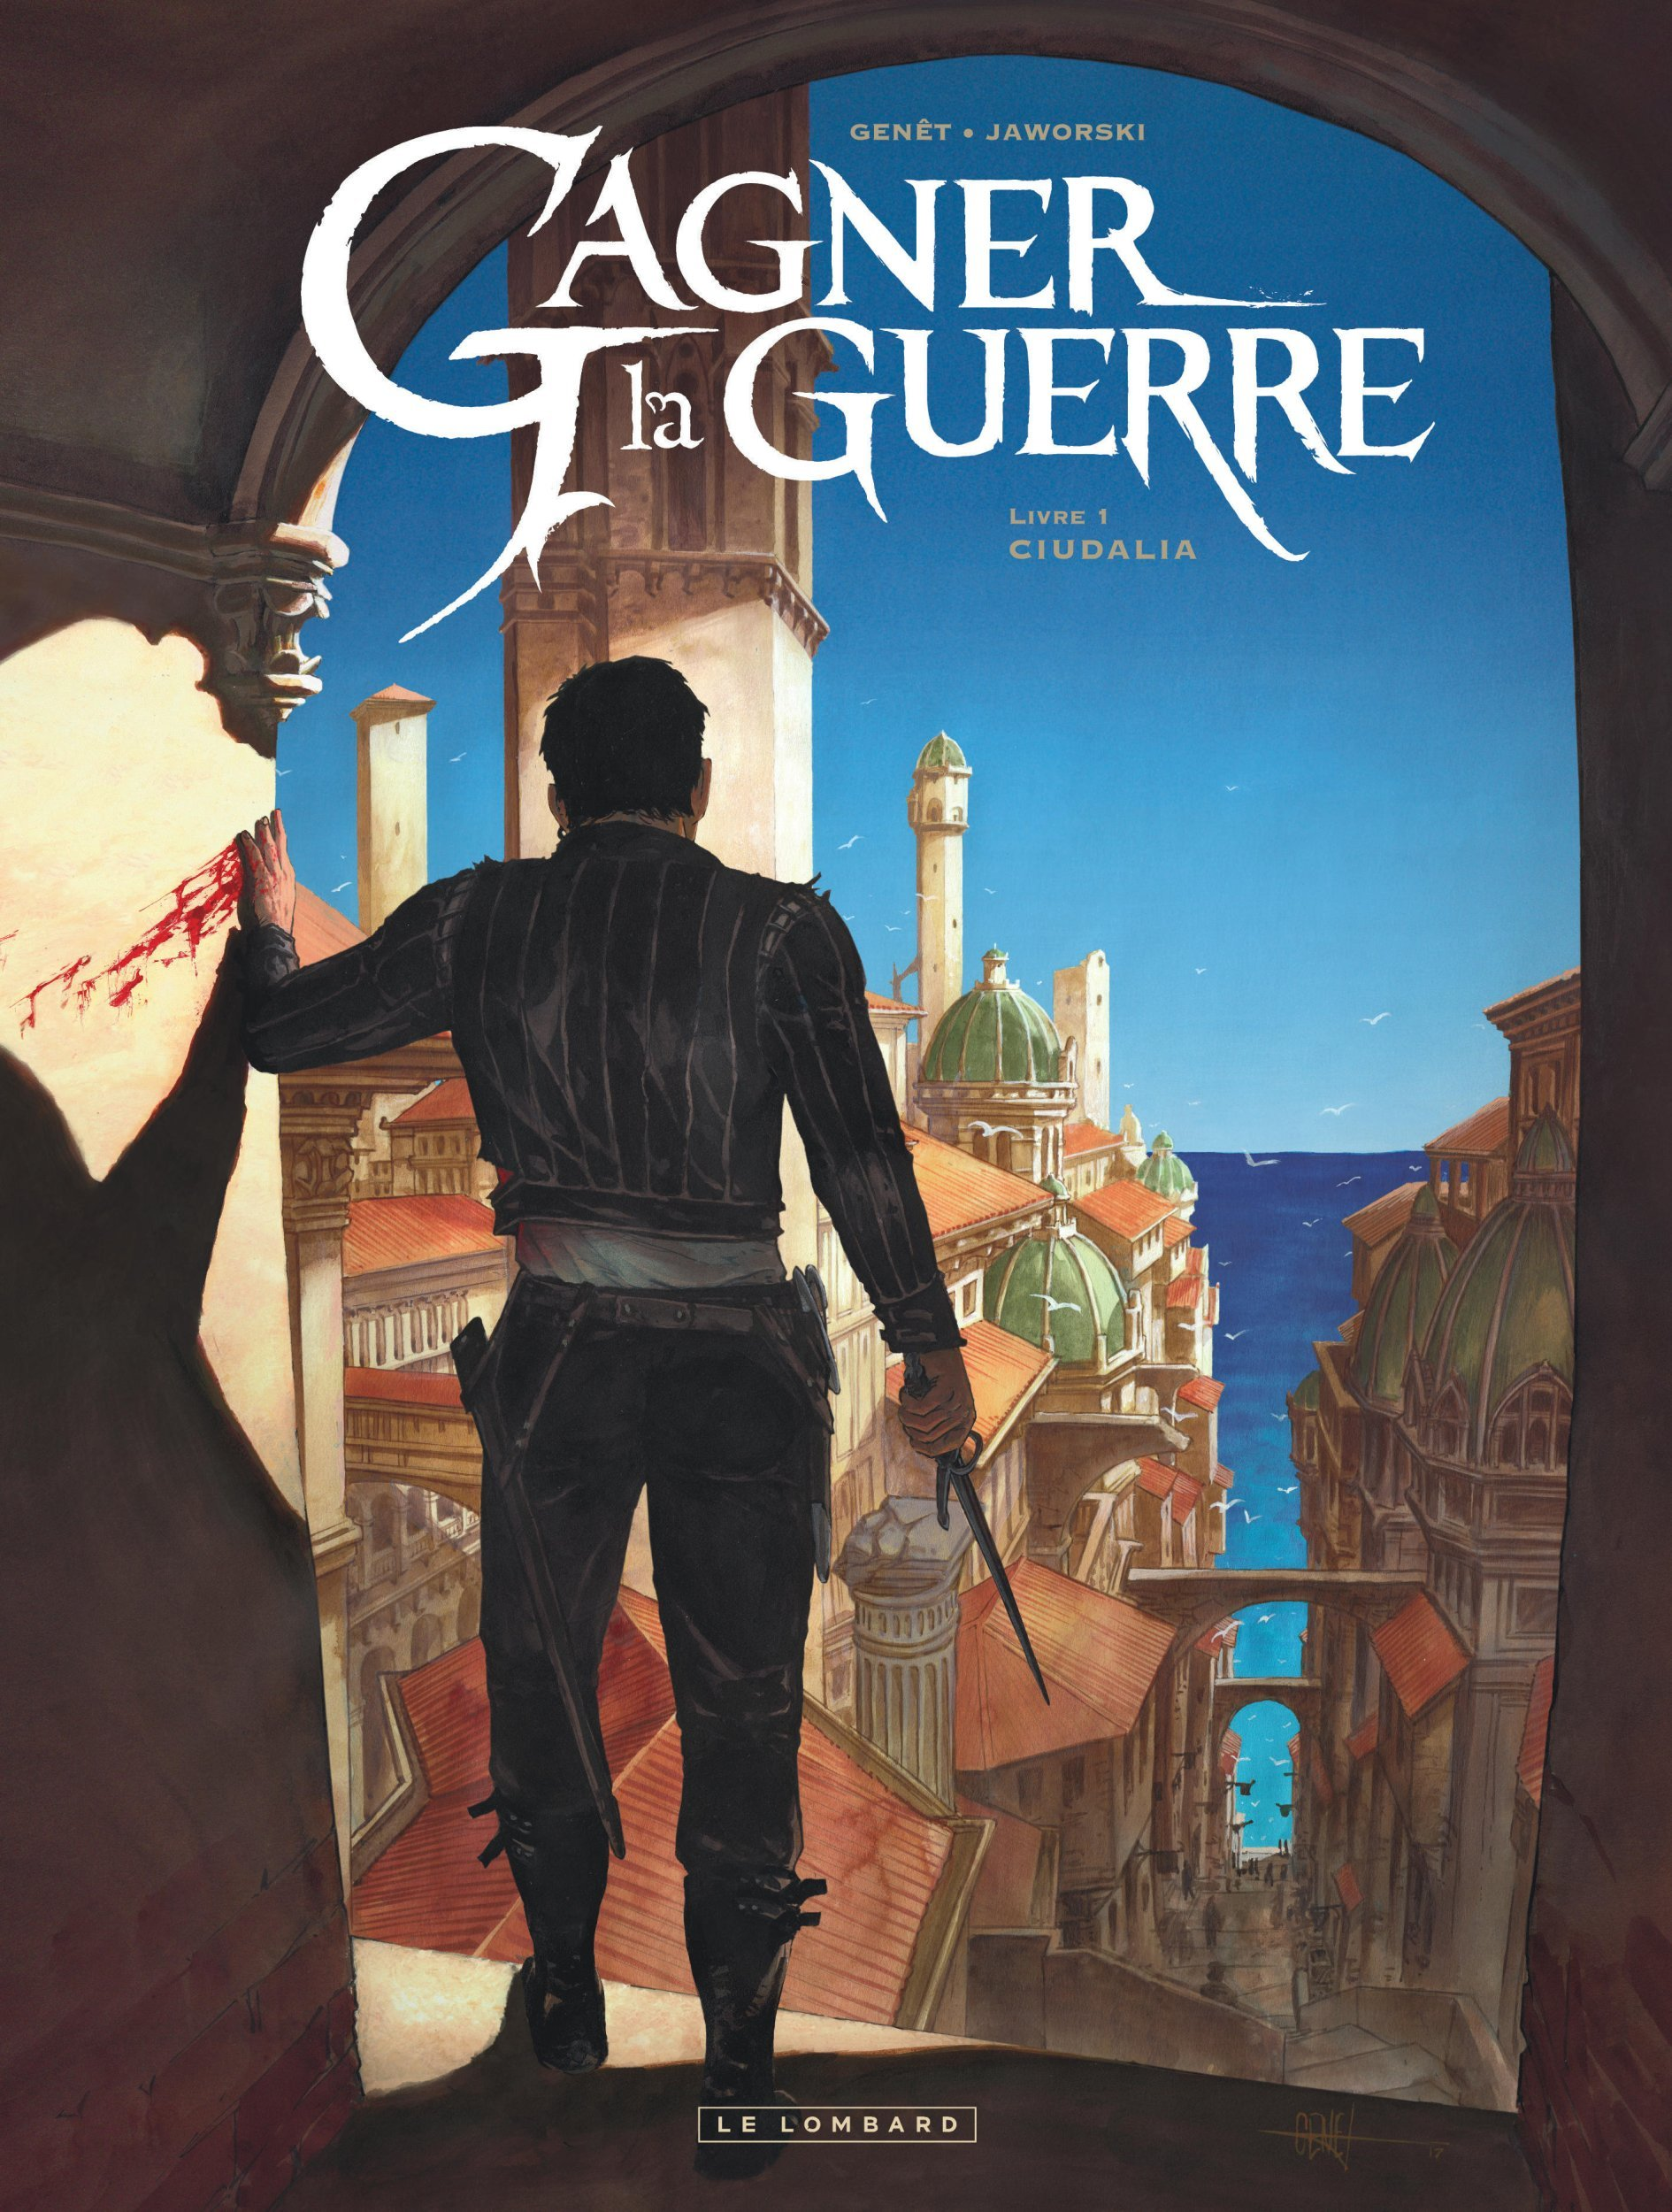 GAGNER LA GUERRE - TOME 1 - CIUDALIA